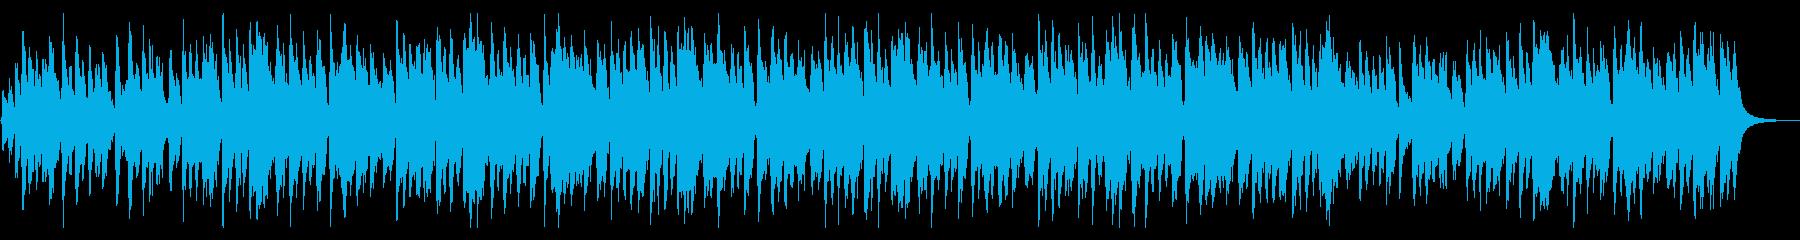 陽気で楽しいウクレレ/カントリー風の再生済みの波形